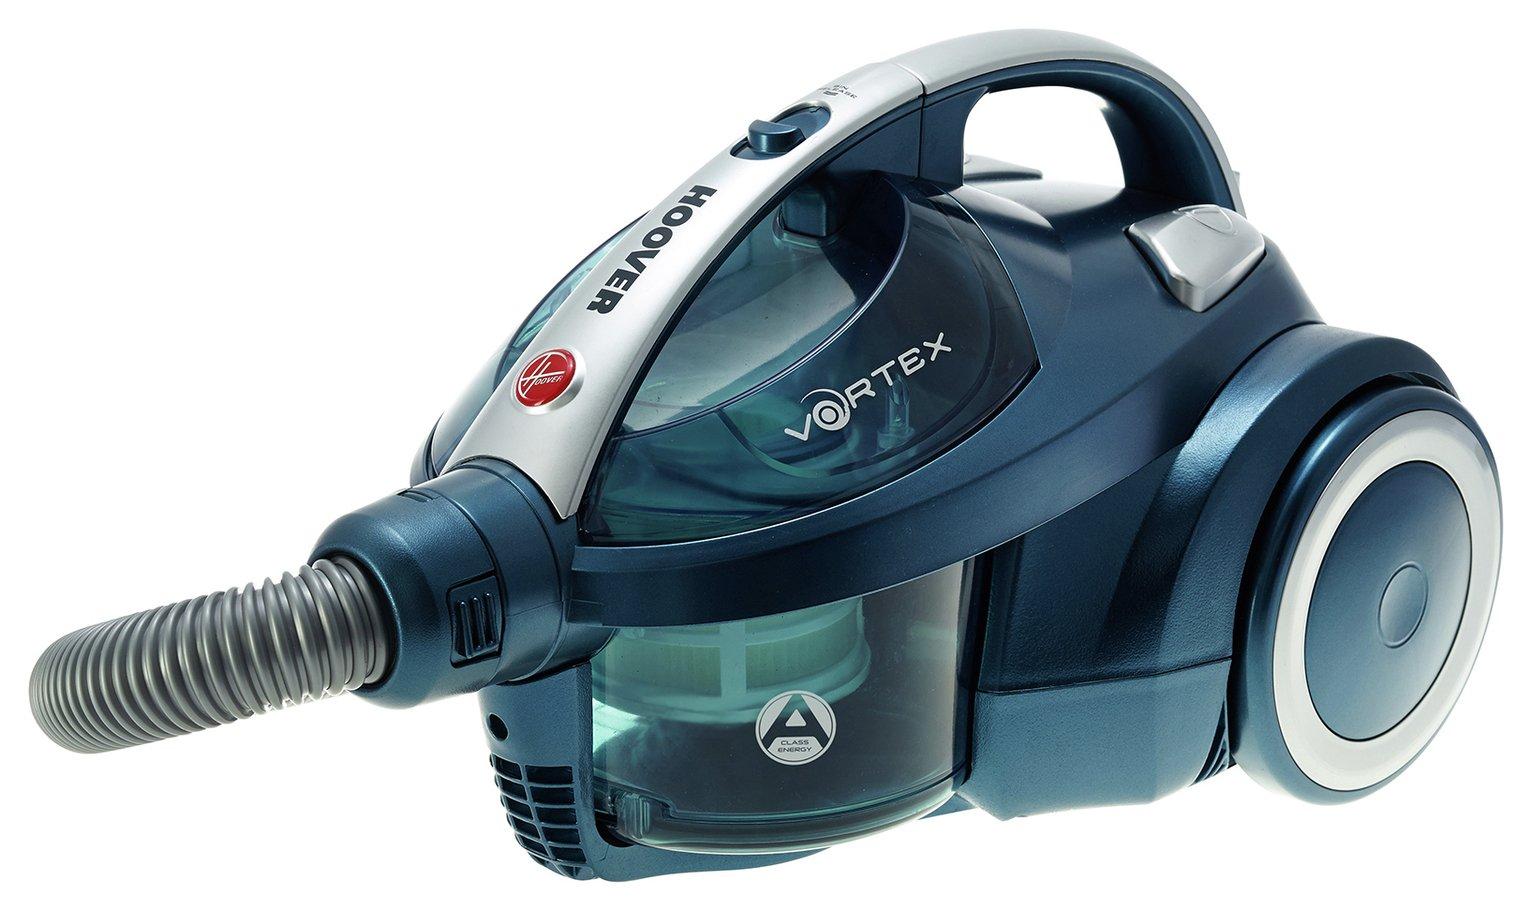 'Hoover - Vortex Se71vx04001 Bagless Cylinder Vacuum Cleaner